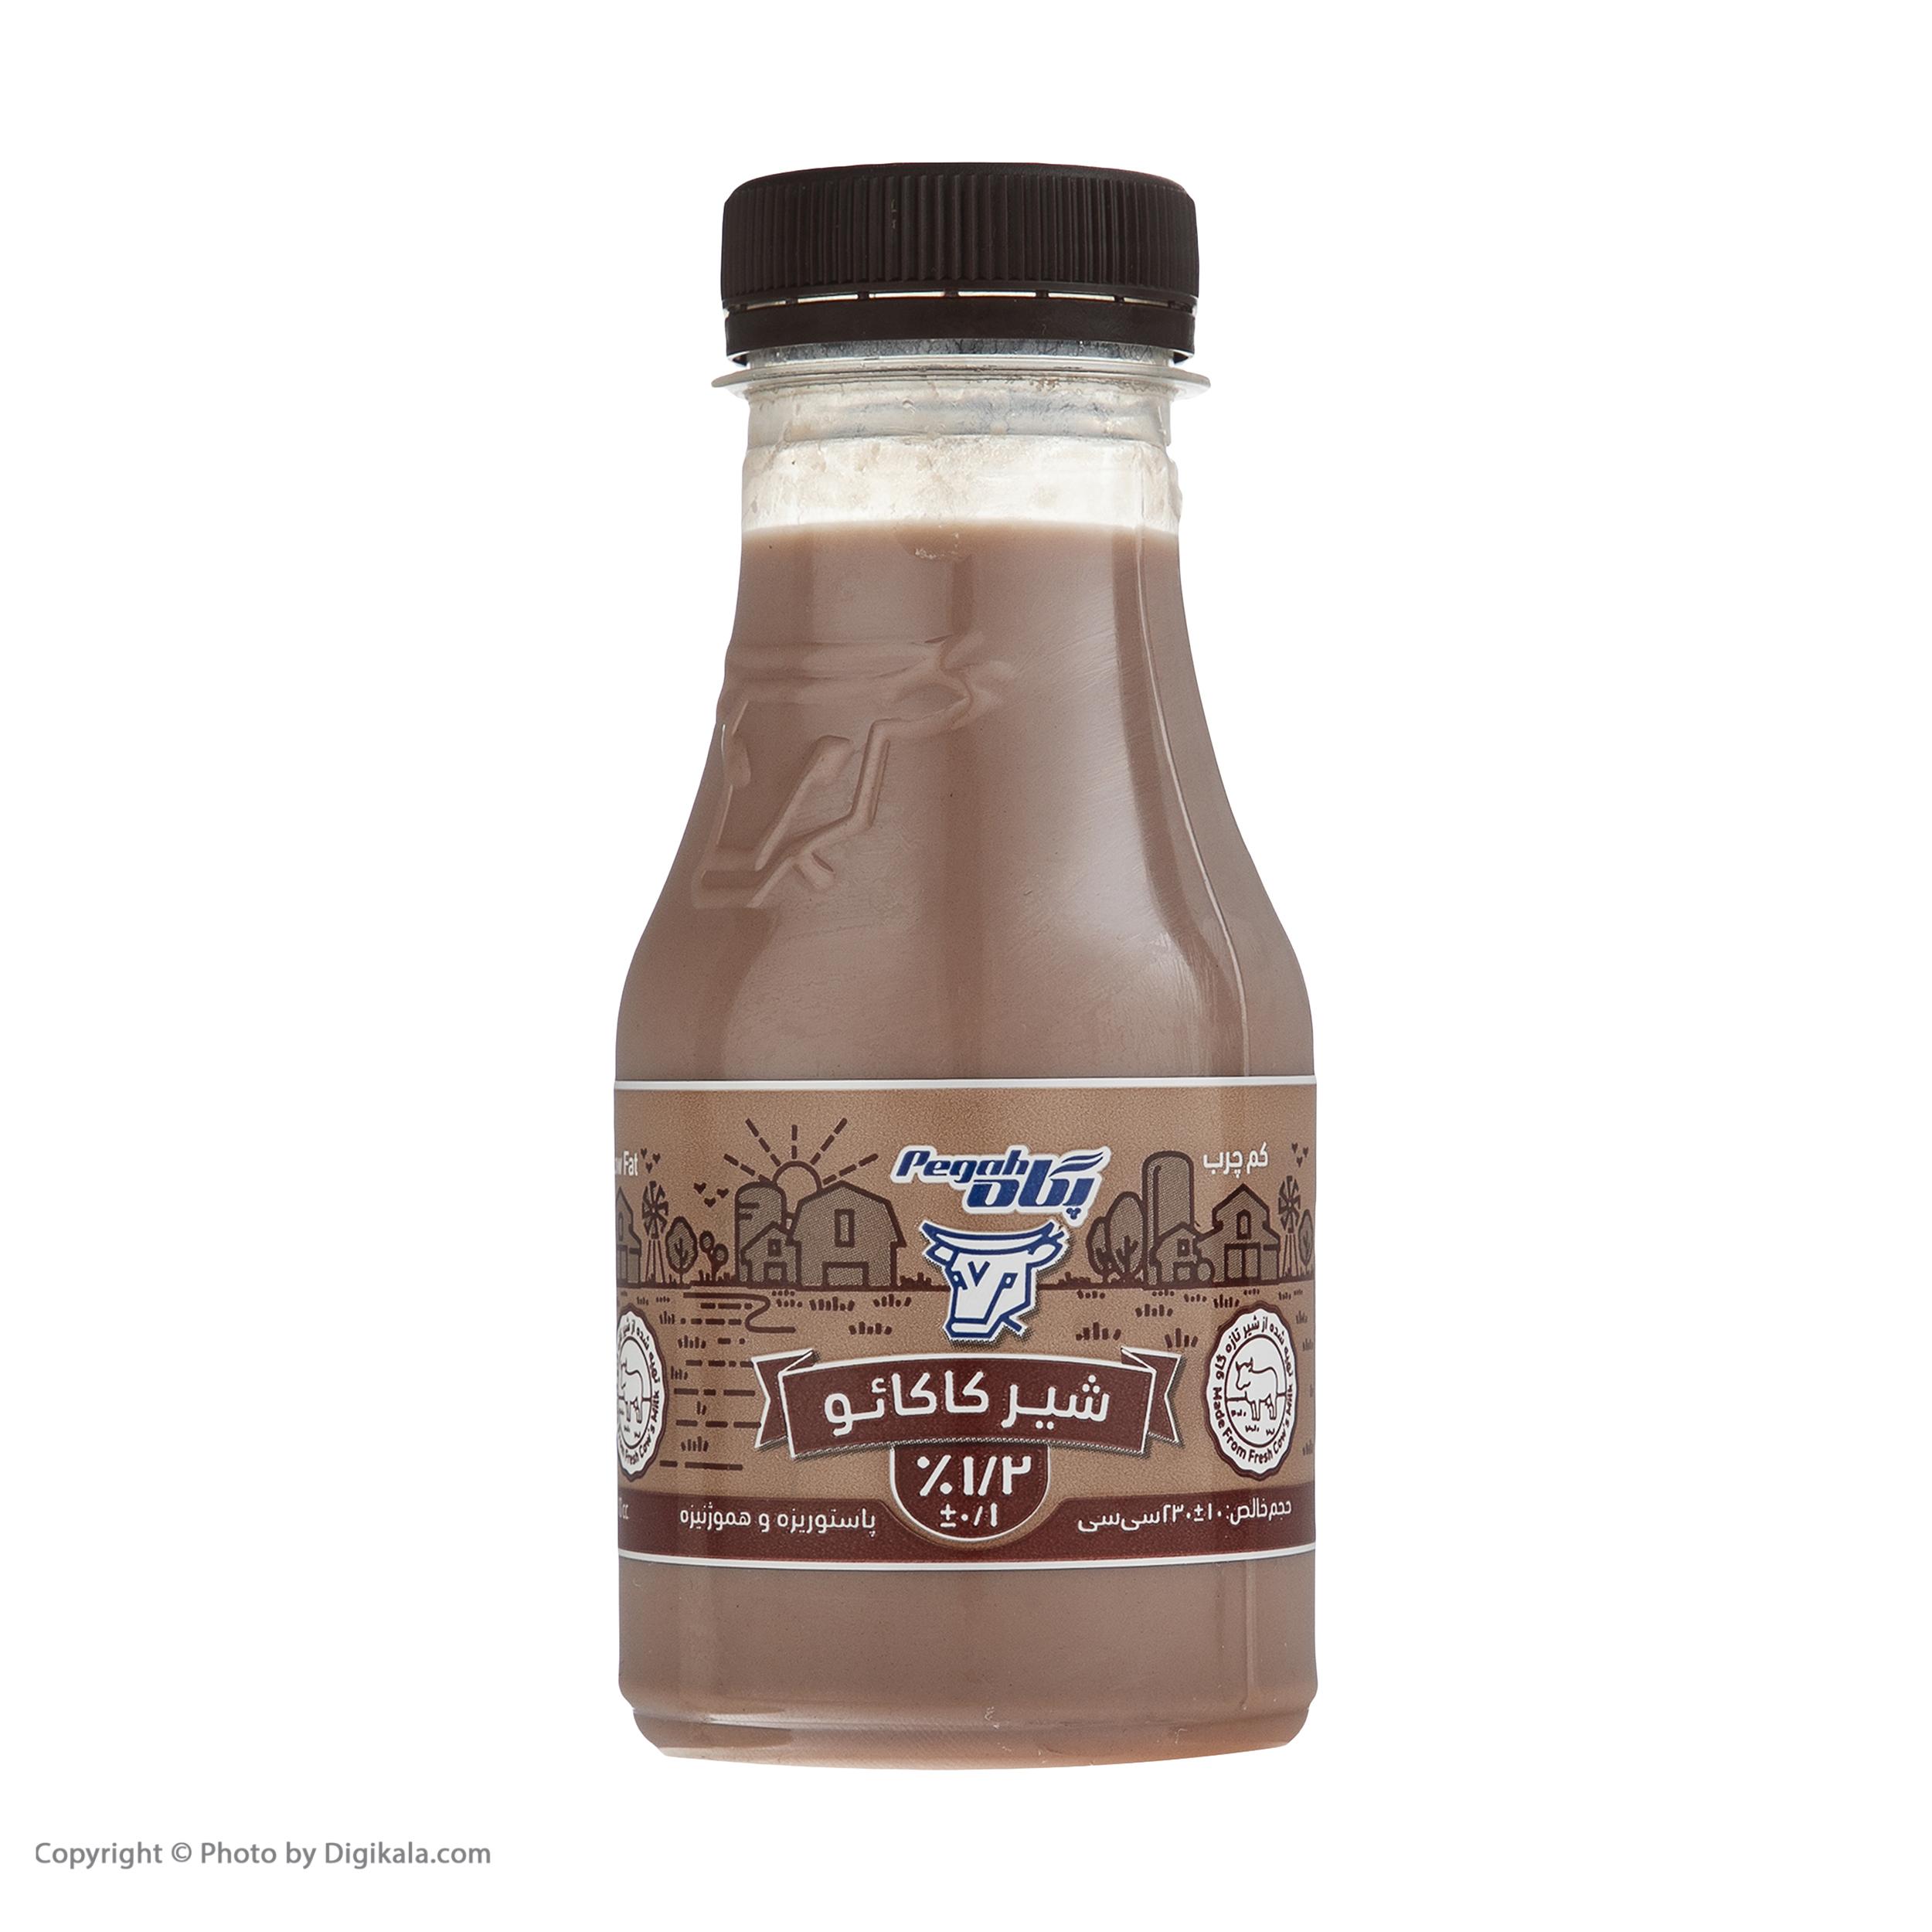 شیر کاکائو کم چرب پگاه - 230 میلی لیتر